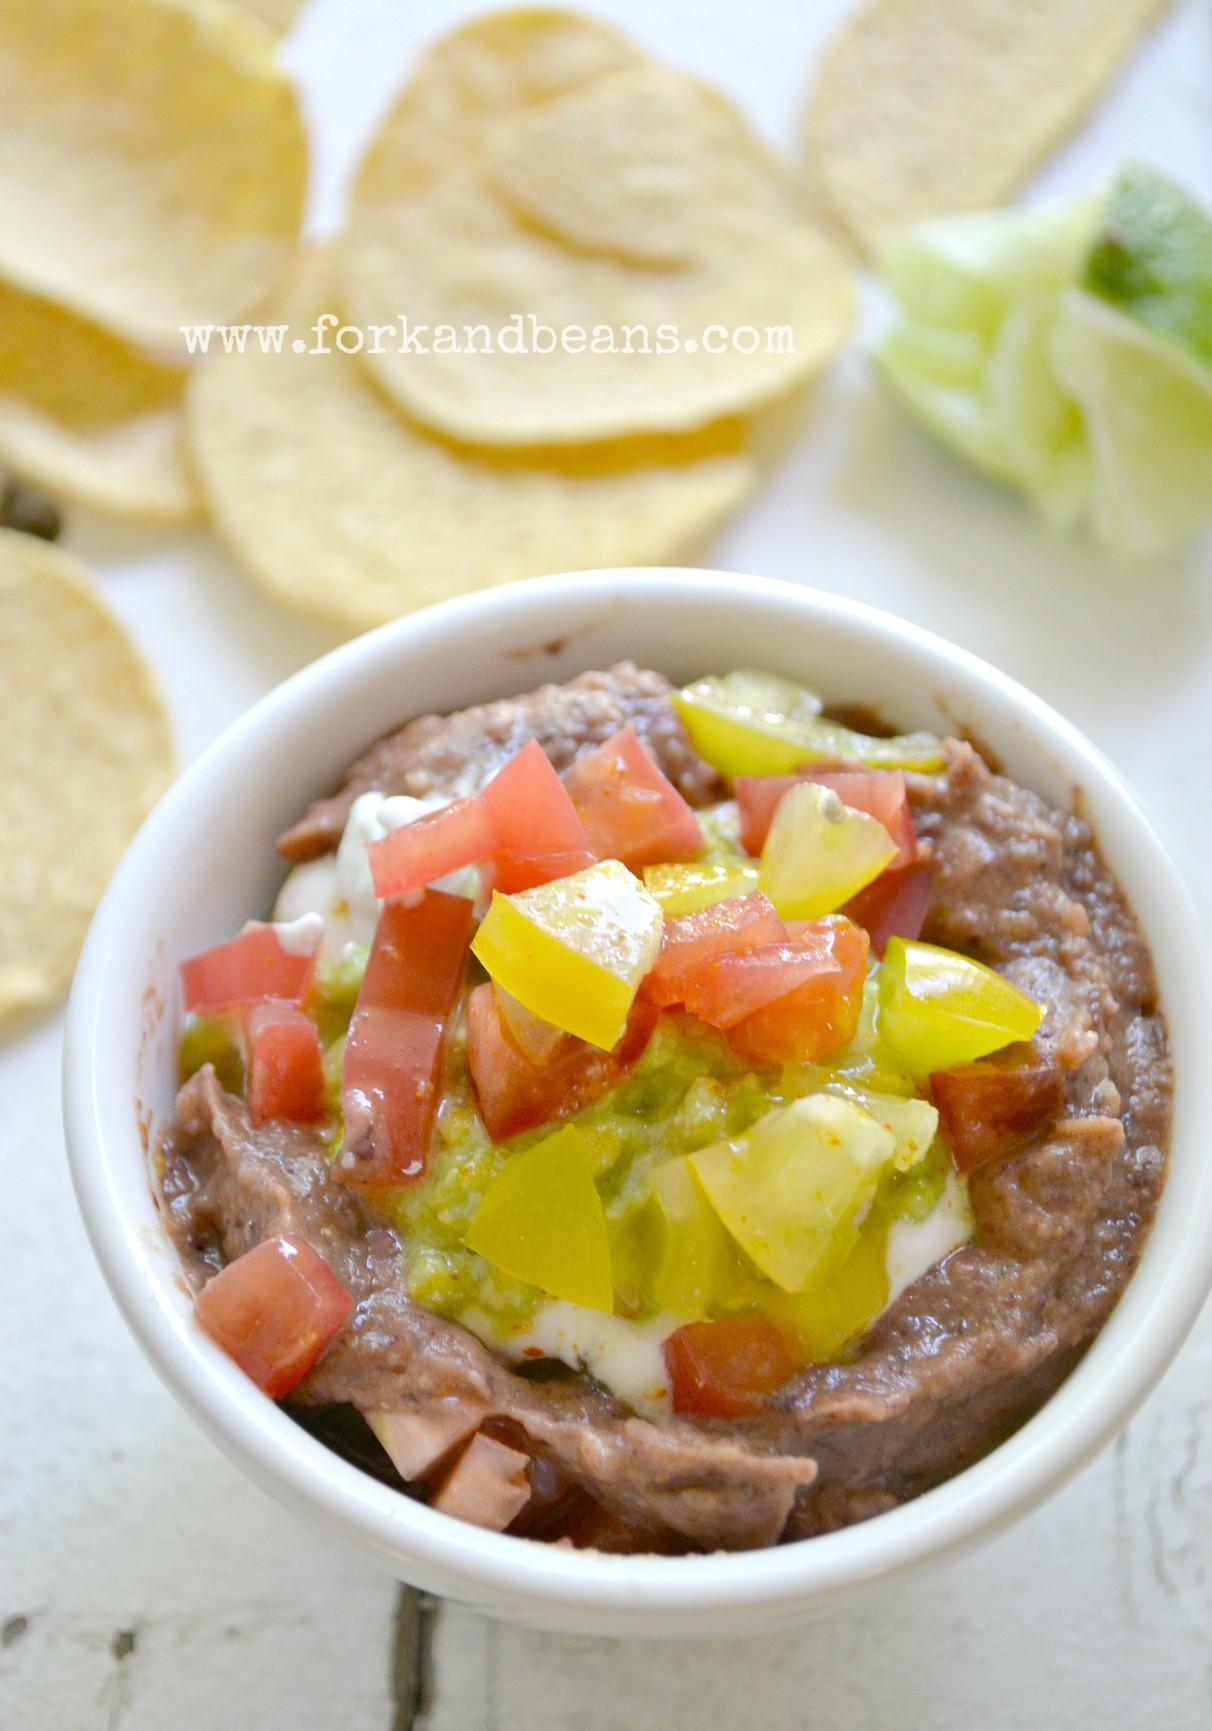 Vegan Bean Dip Recipes  The Great Vegan Bean Book s Four Layer Bean Dip Fork and